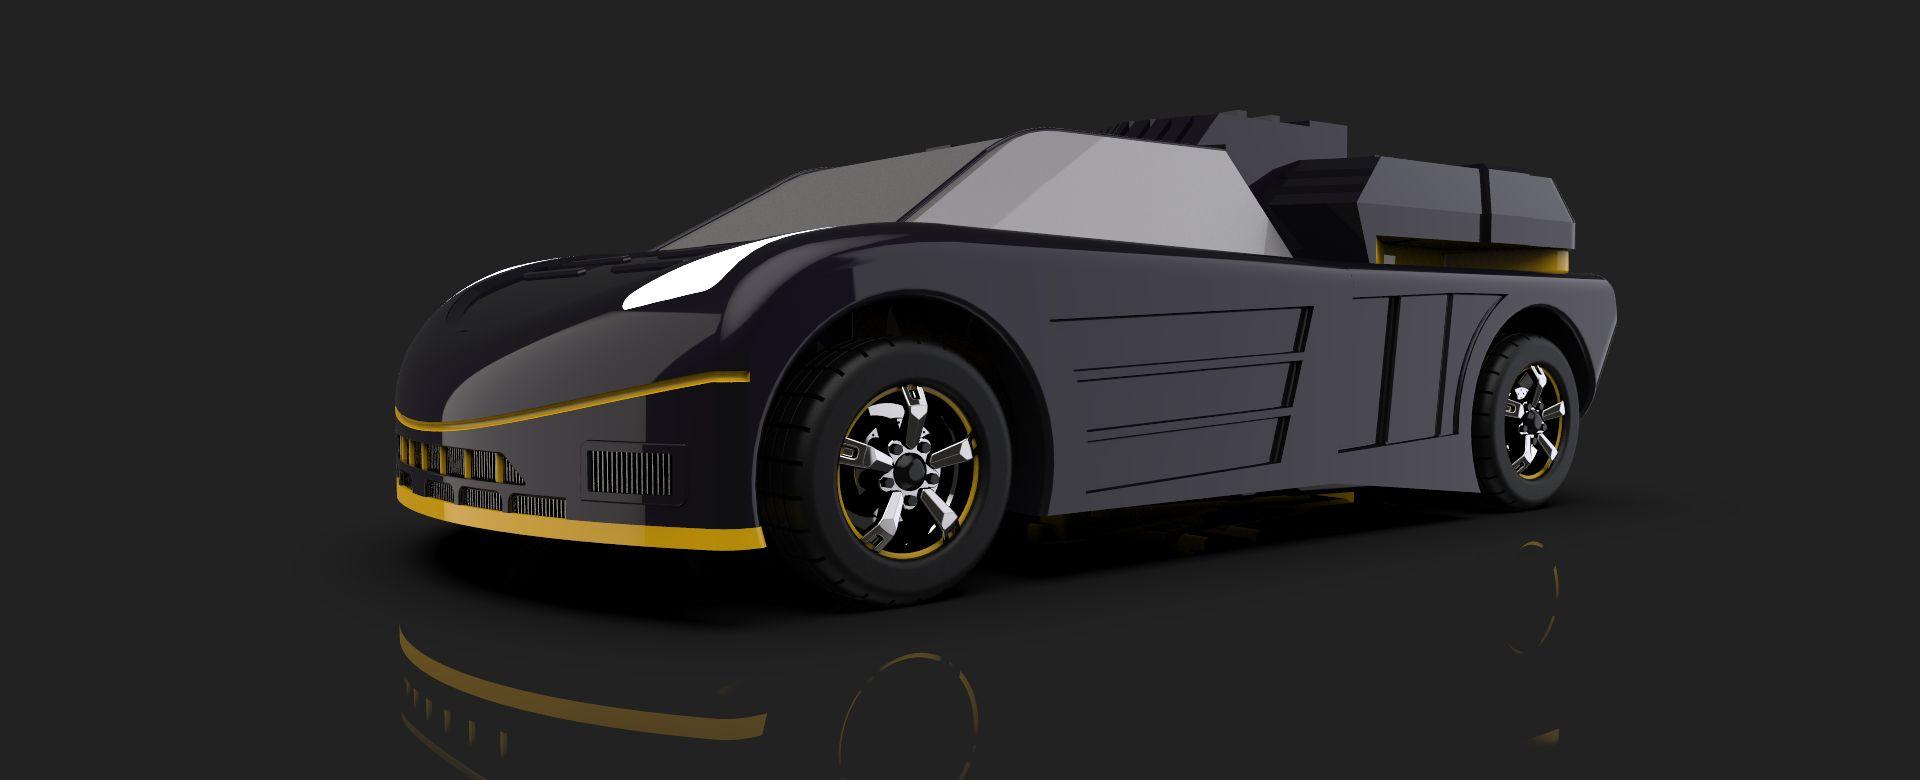 Car-bot-1-40-3500-3500